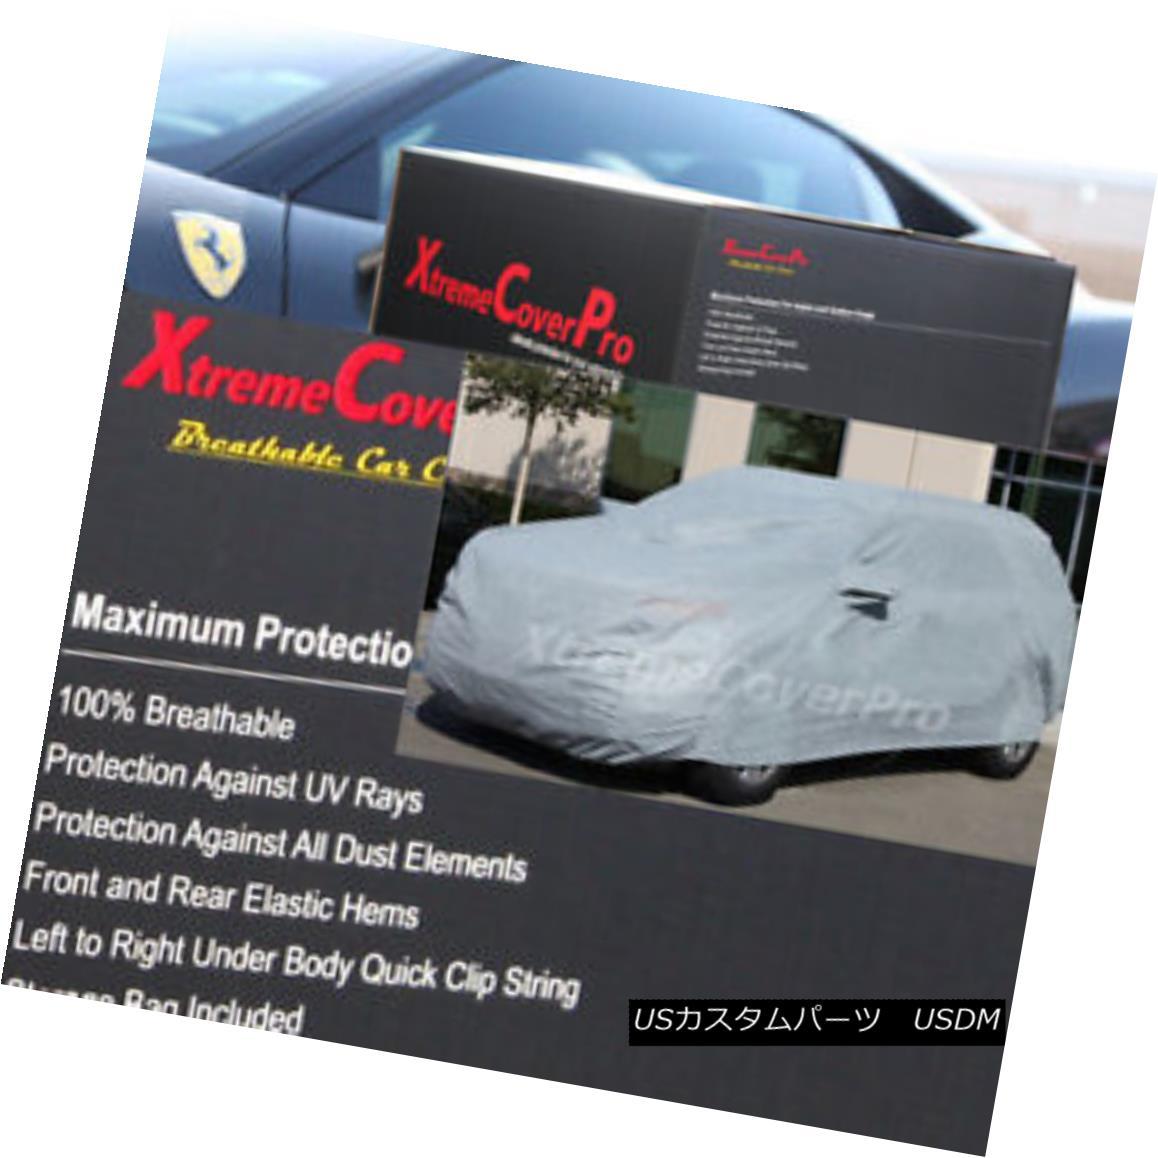 カーカバー 2014 Honda Pilot Breathable Car Cover w/ Mirror Pocket 2014ホンダパイロット通気性車カバー/ミラーポケット付き